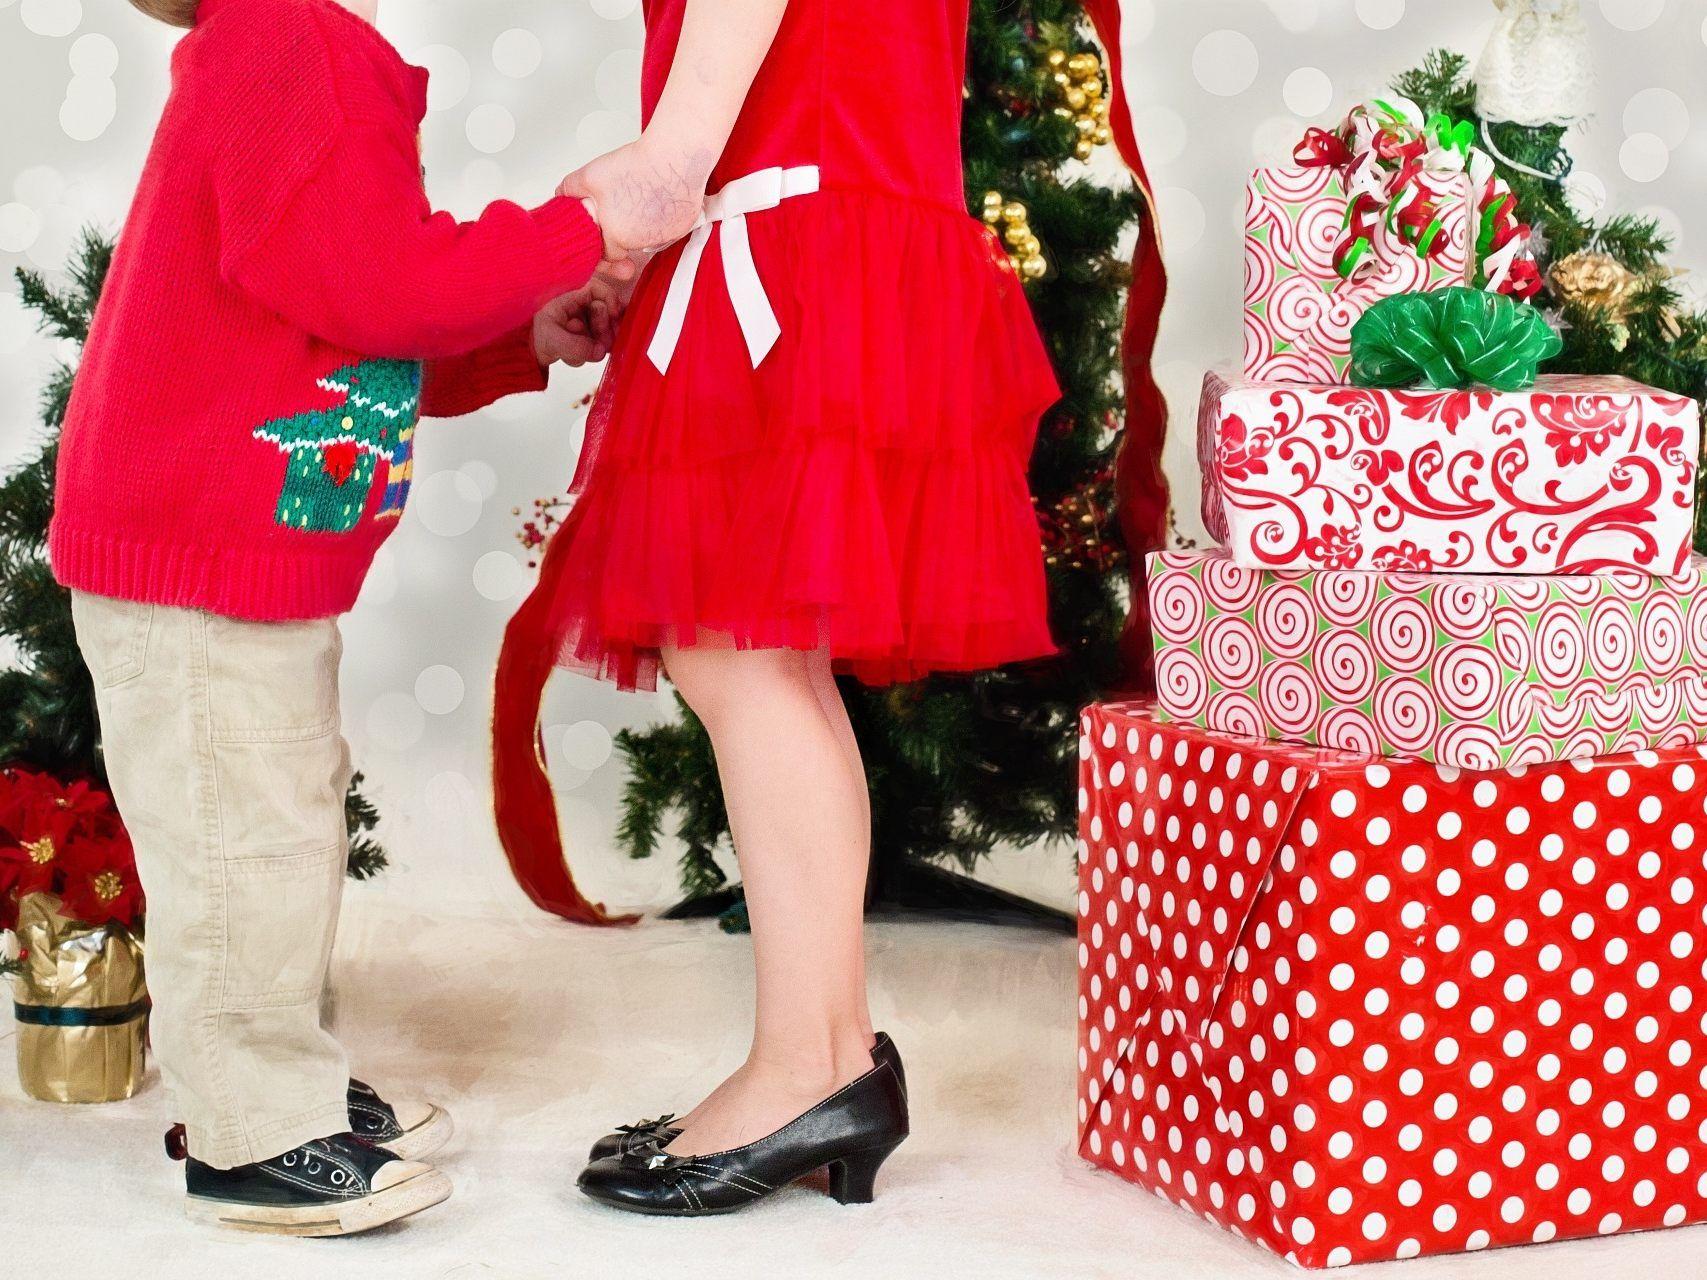 Luxus-Geschenke: Für die Kleinen nur das Beste - Weihnachten -- VOL.AT